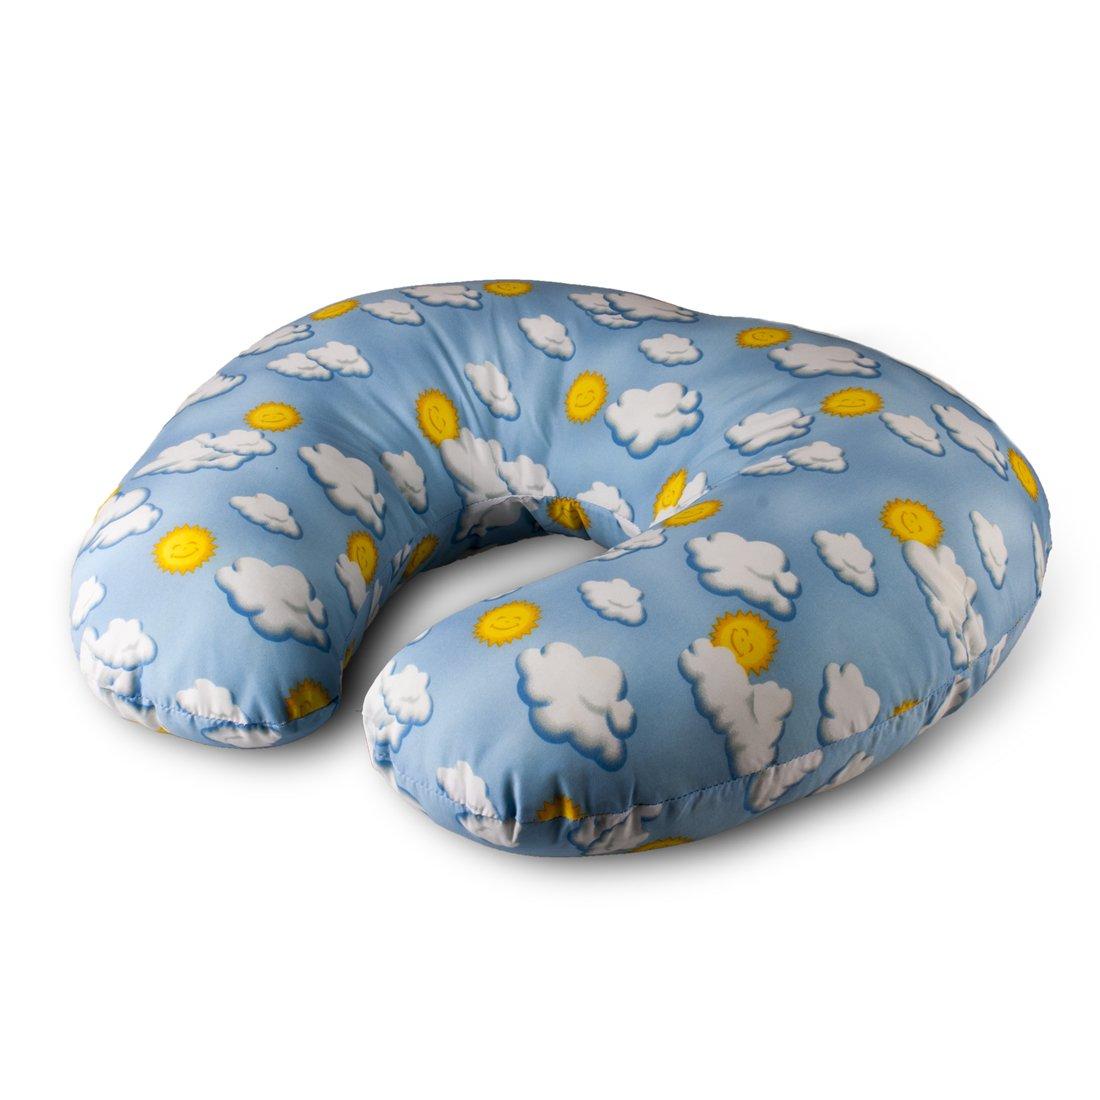 NurSit Basic Nursing Pillow, Clouds Print